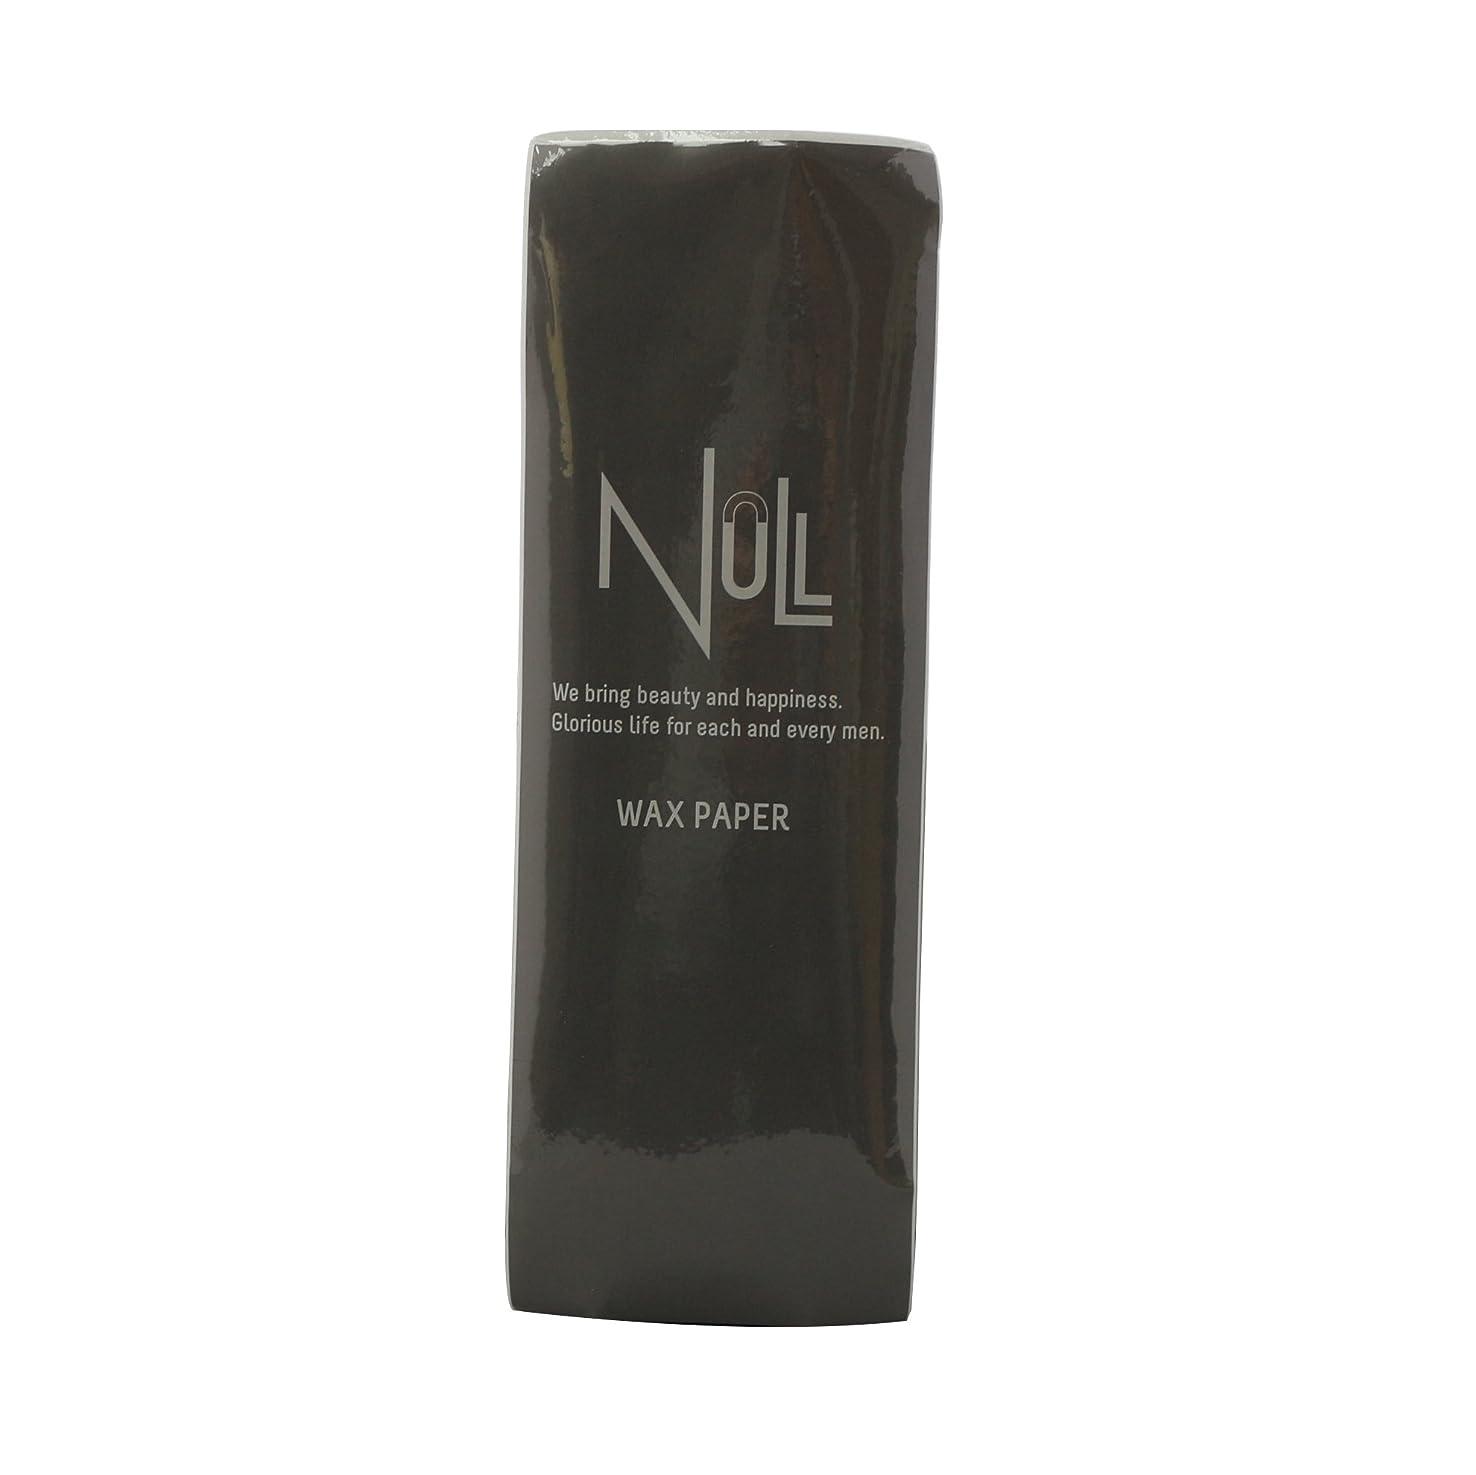 あらゆる種類の透明に未使用NULL ブラジリアンワックス用ペーパー 100枚入り 70mm幅 ワックス脱毛 専用